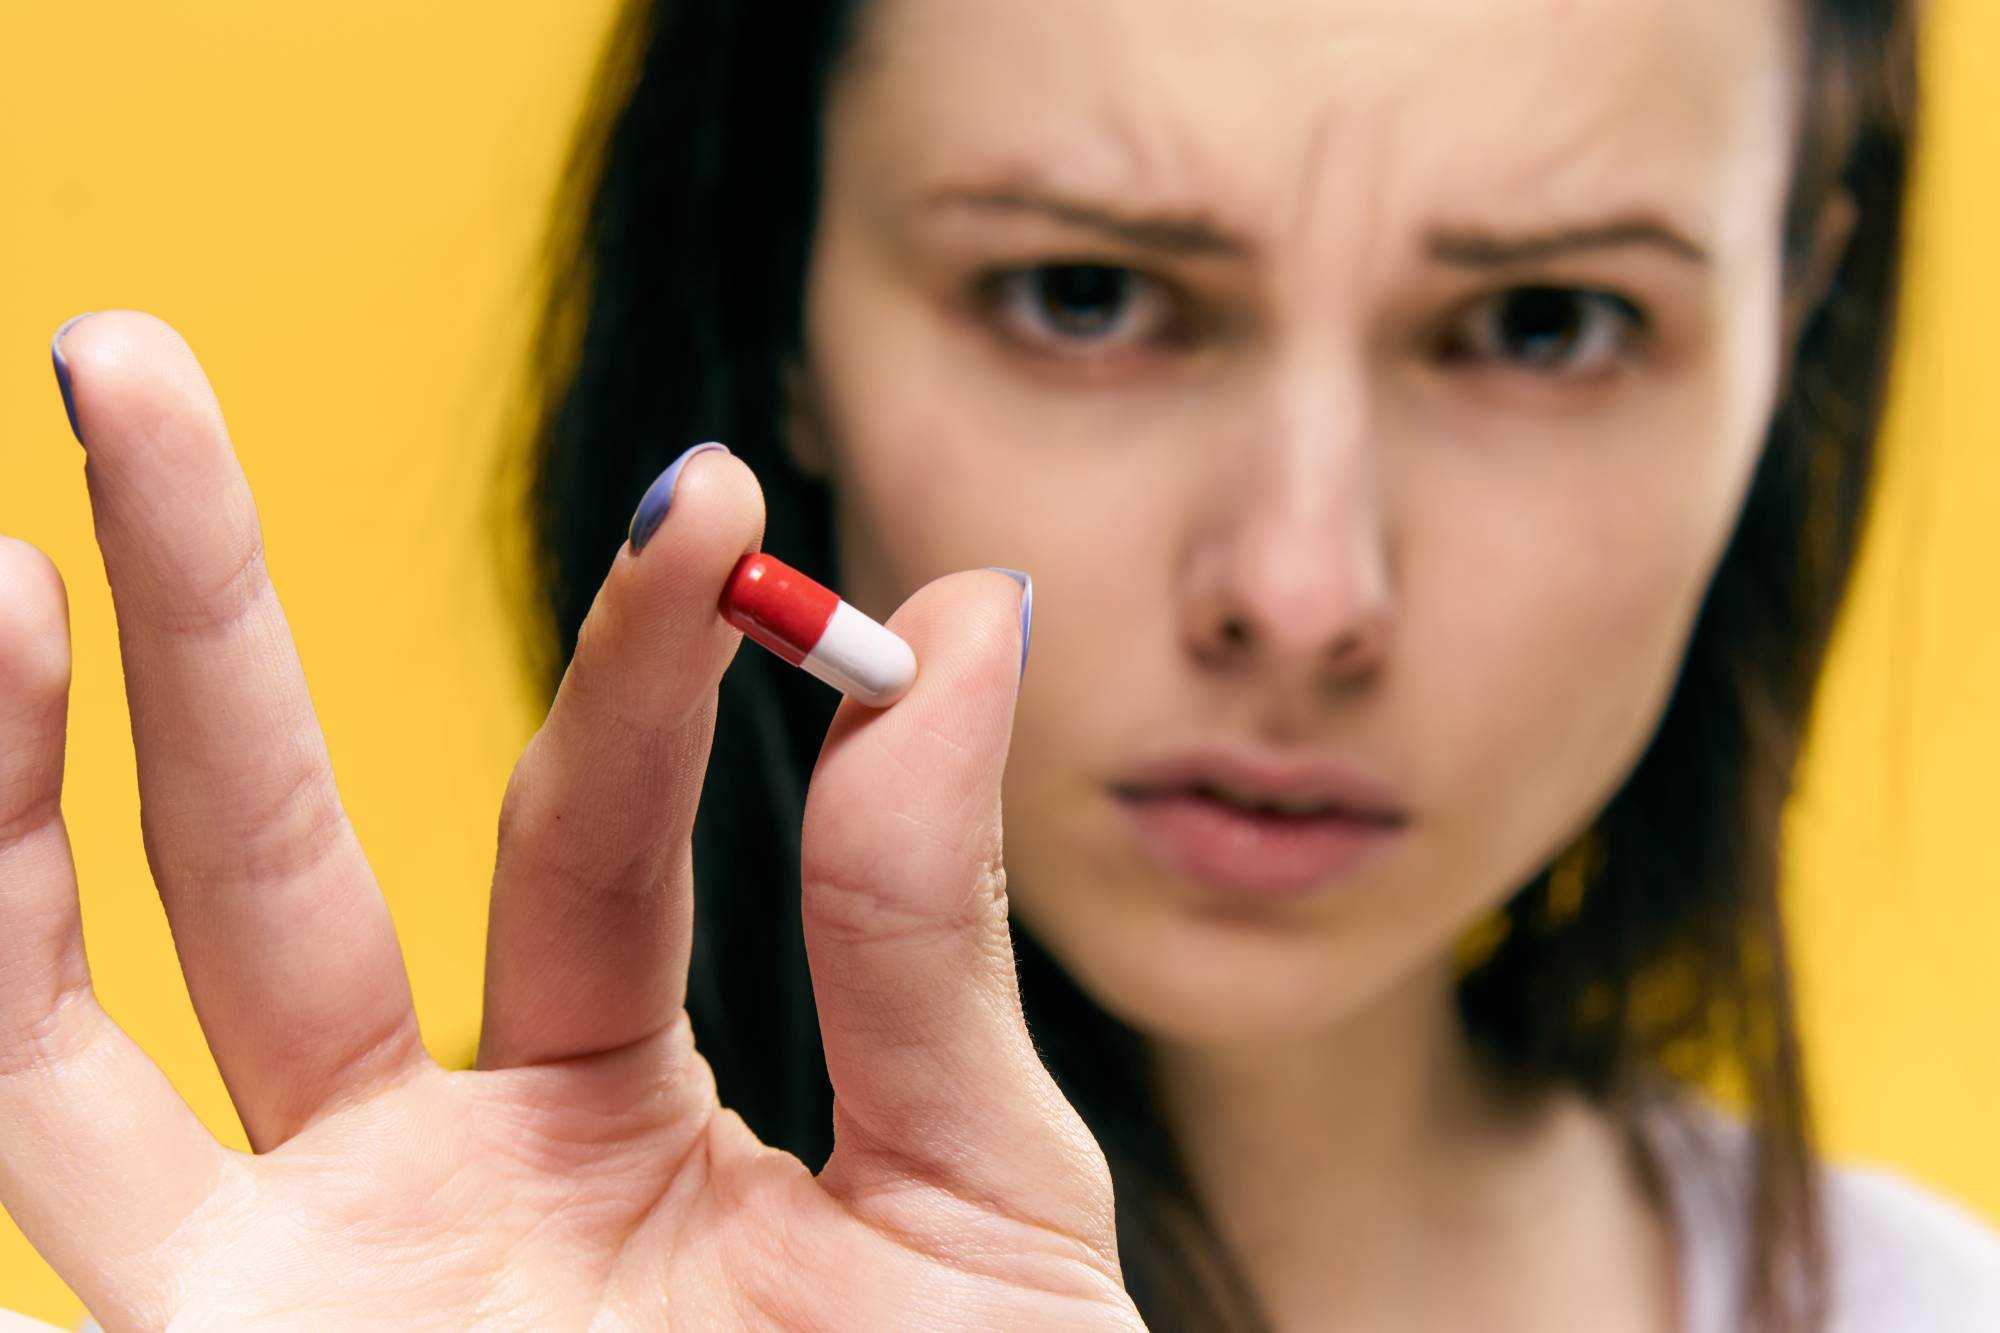 Бесконтрольный приём: можно ли пить витамины без рекомендаций врача и чем это может быть опасно